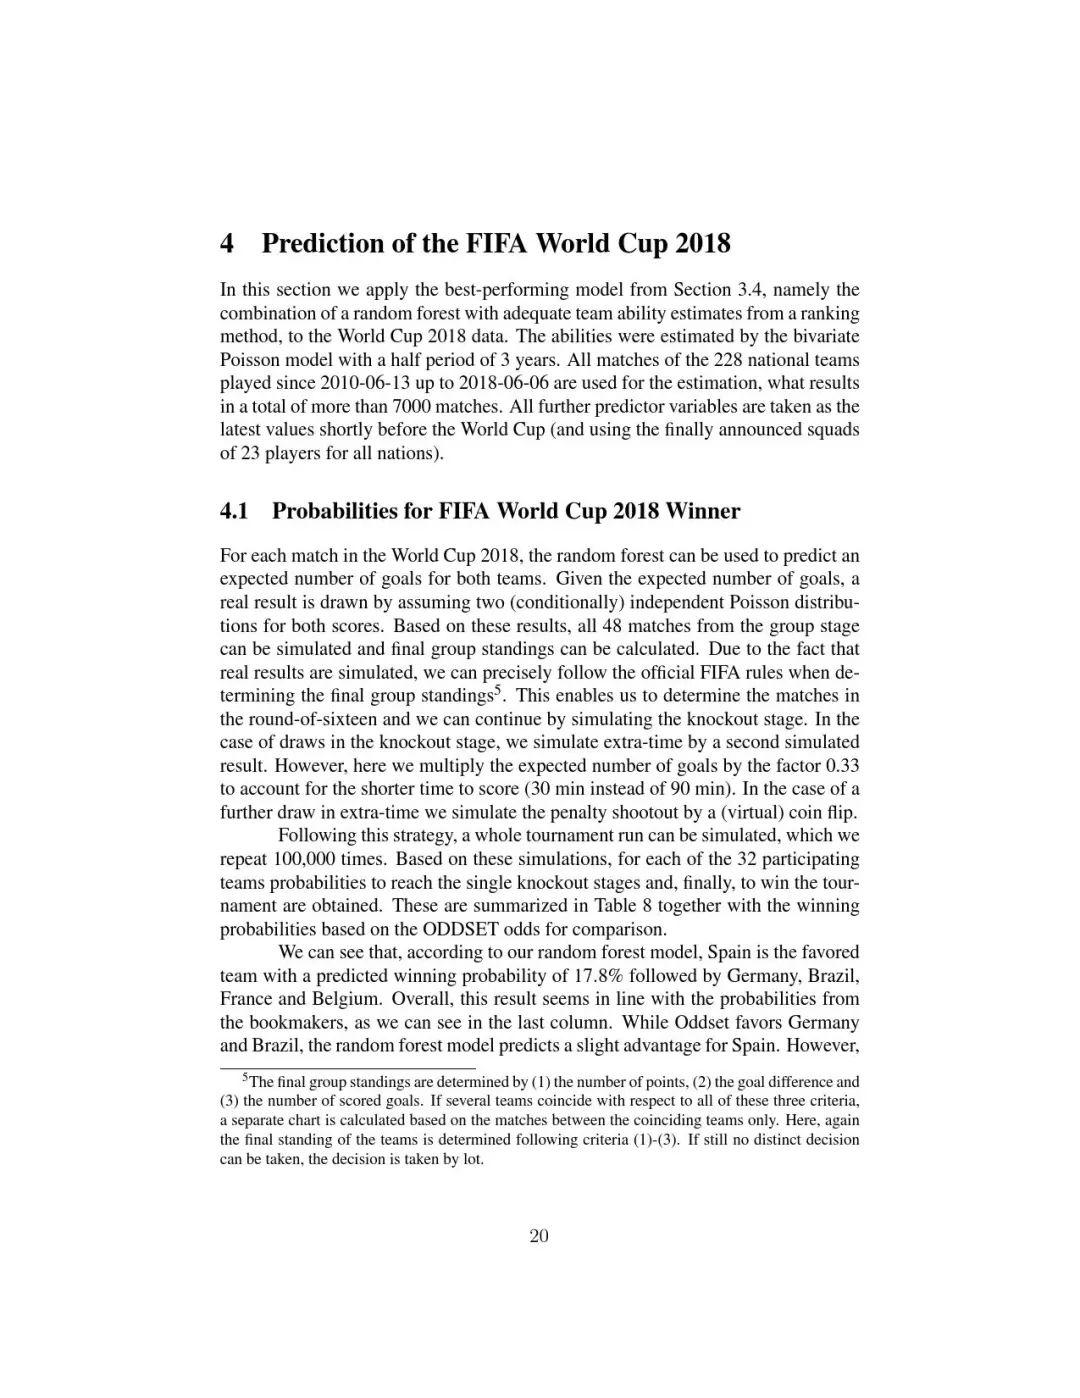 听说机器学习可以预测出2018世界杯走势